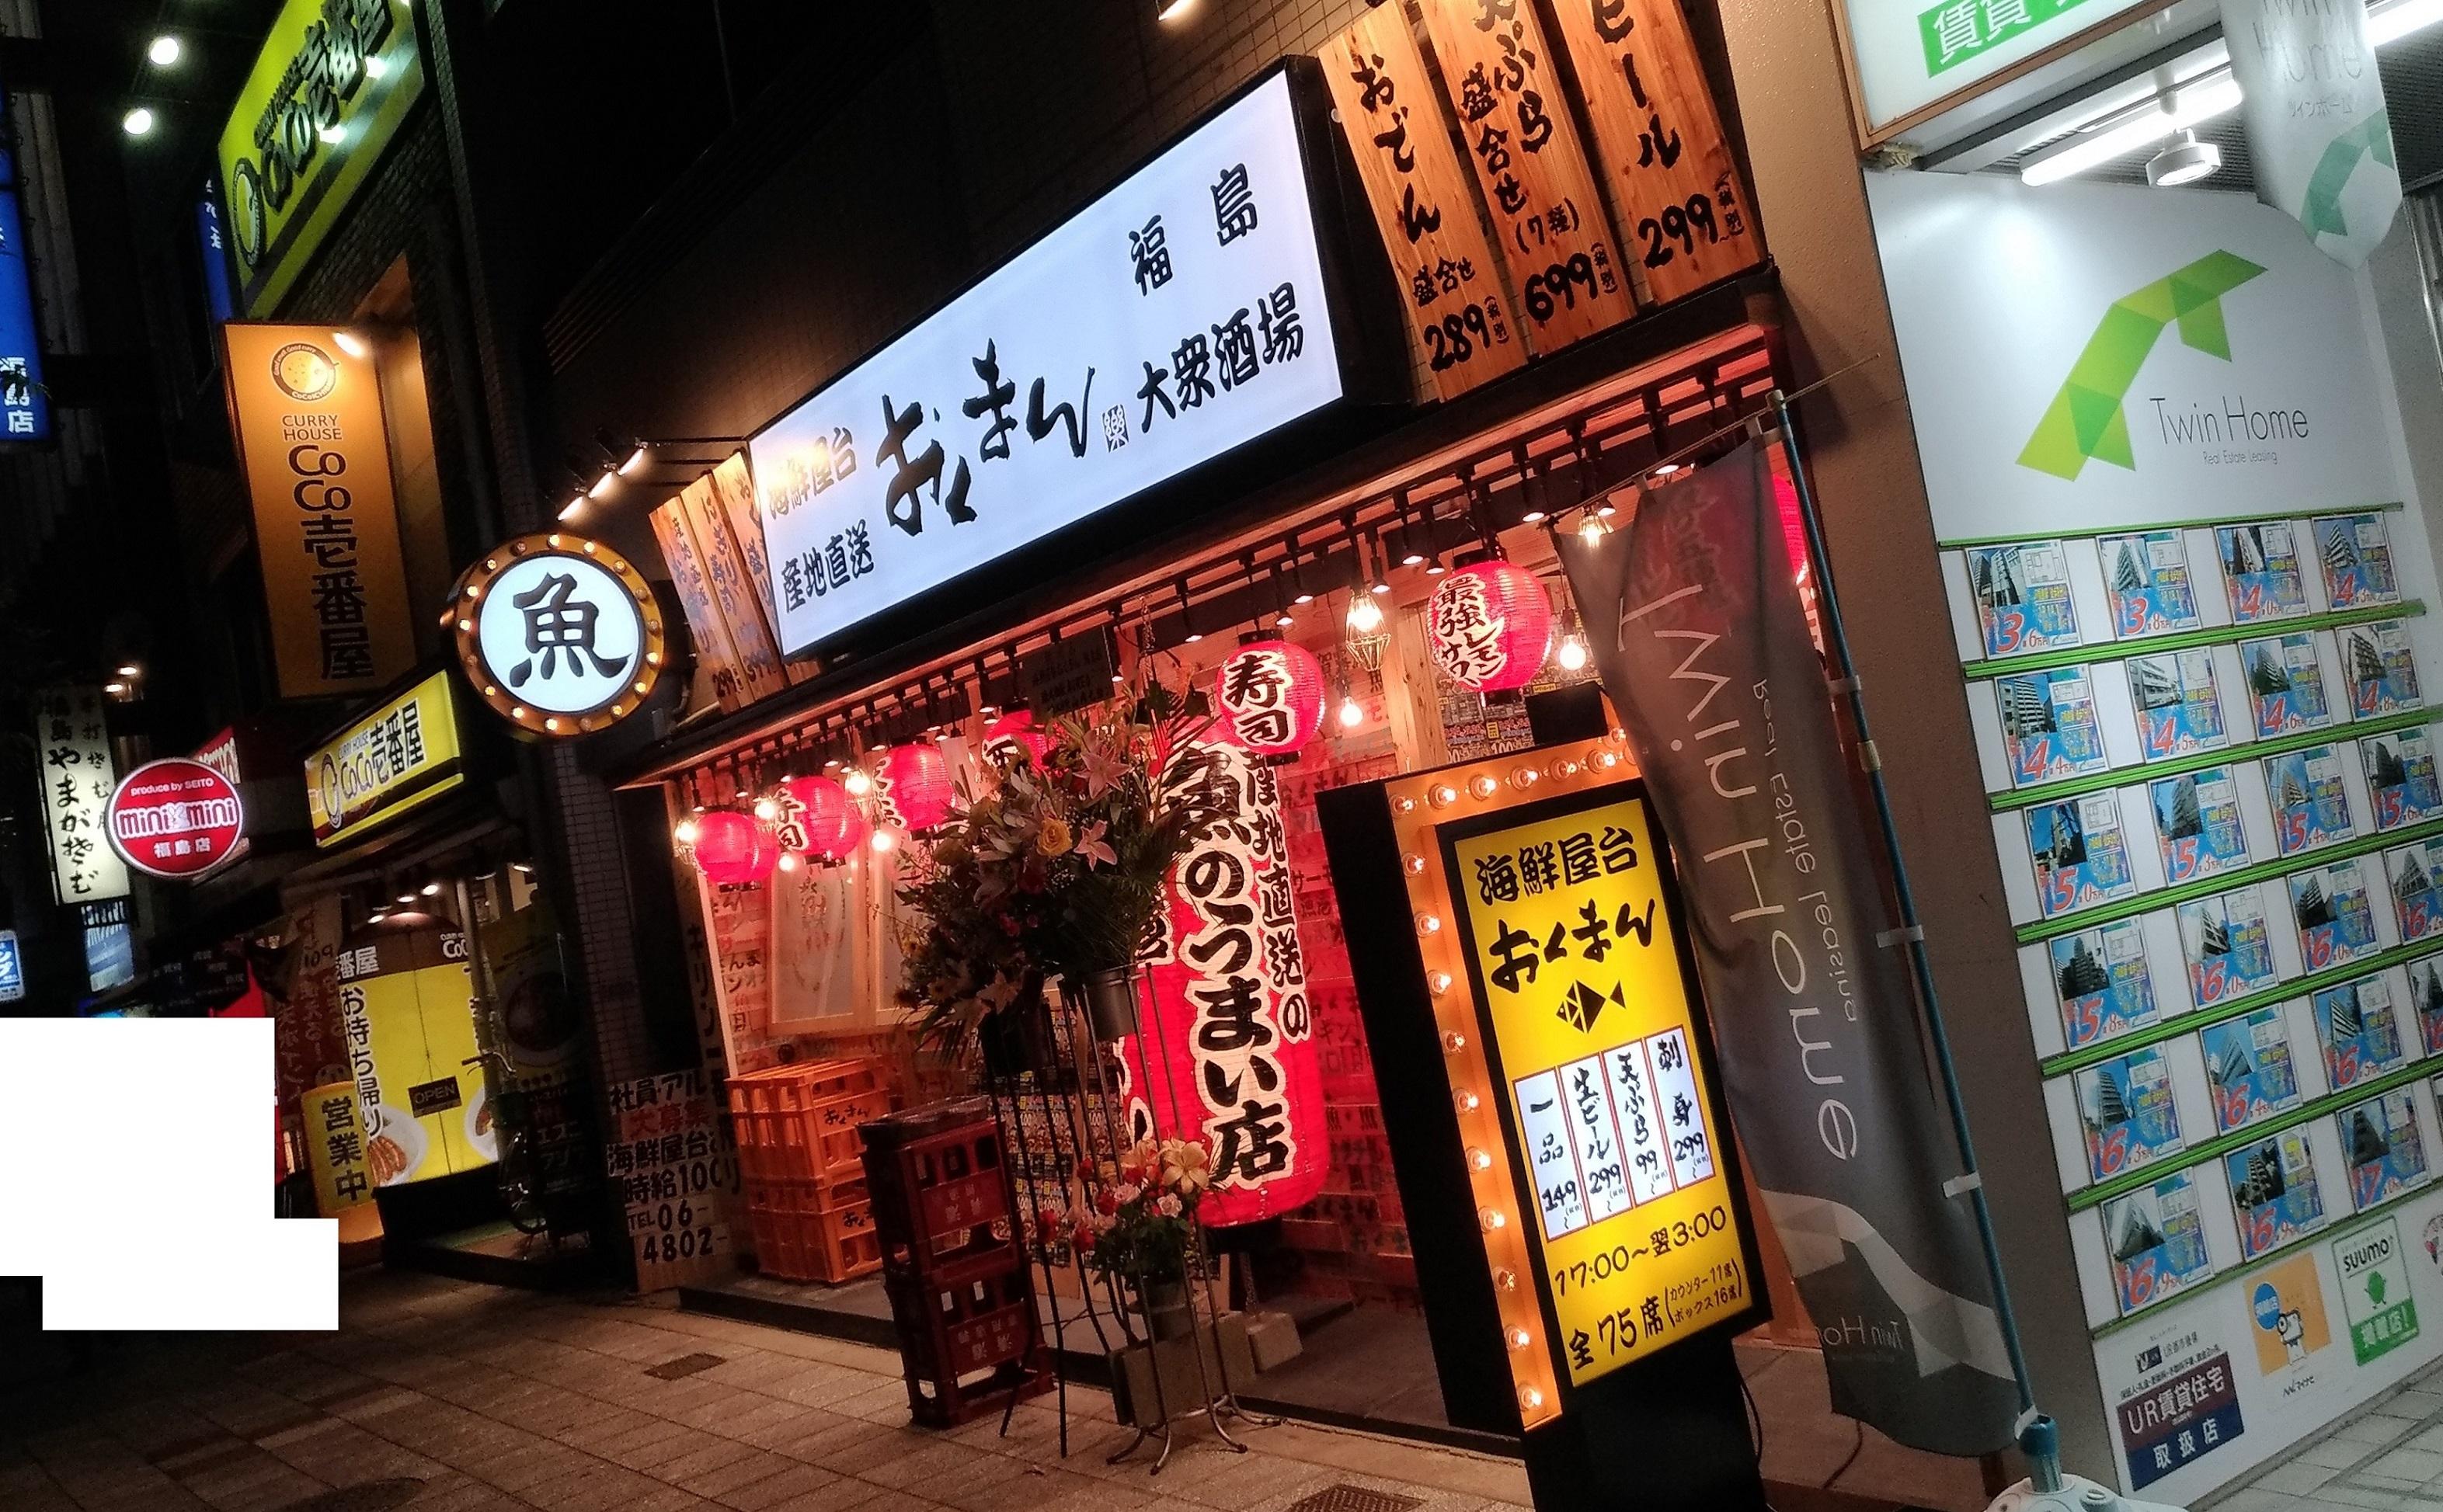 osaka_fukushima_100en_open_0924_3.jpg